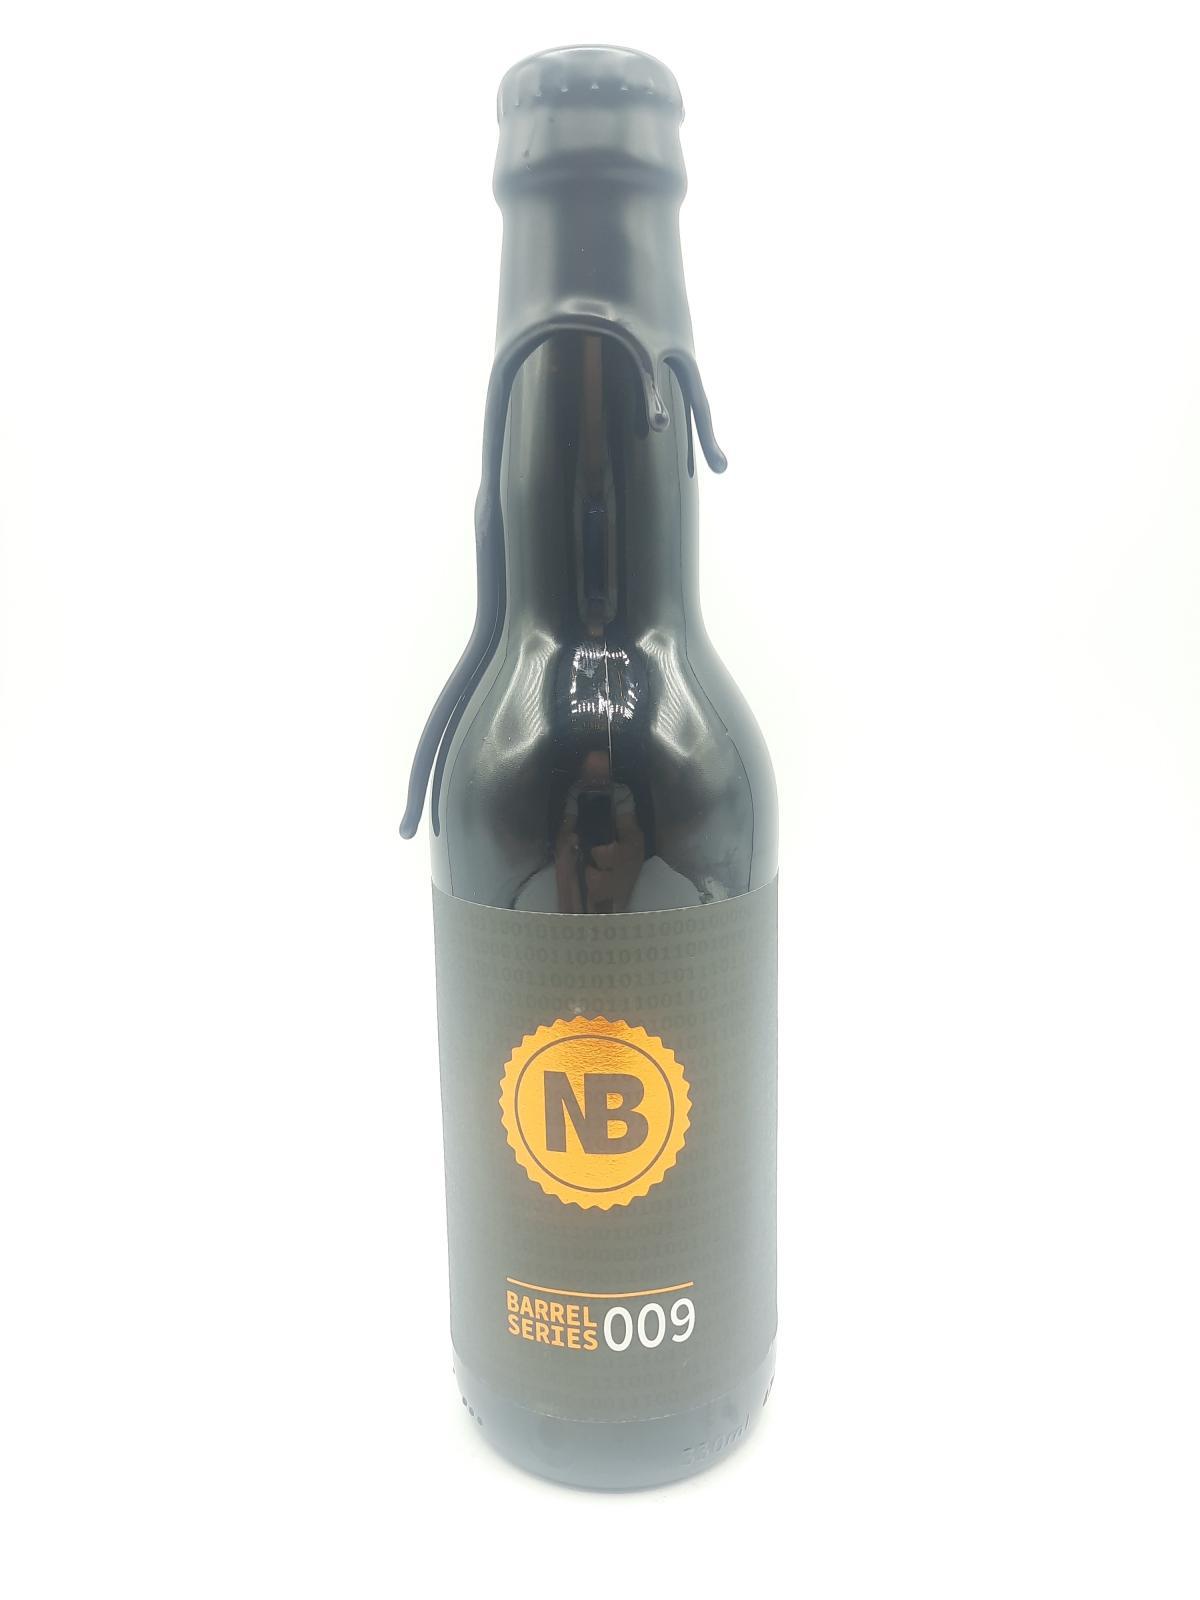 Img Nerd Barrel series 009